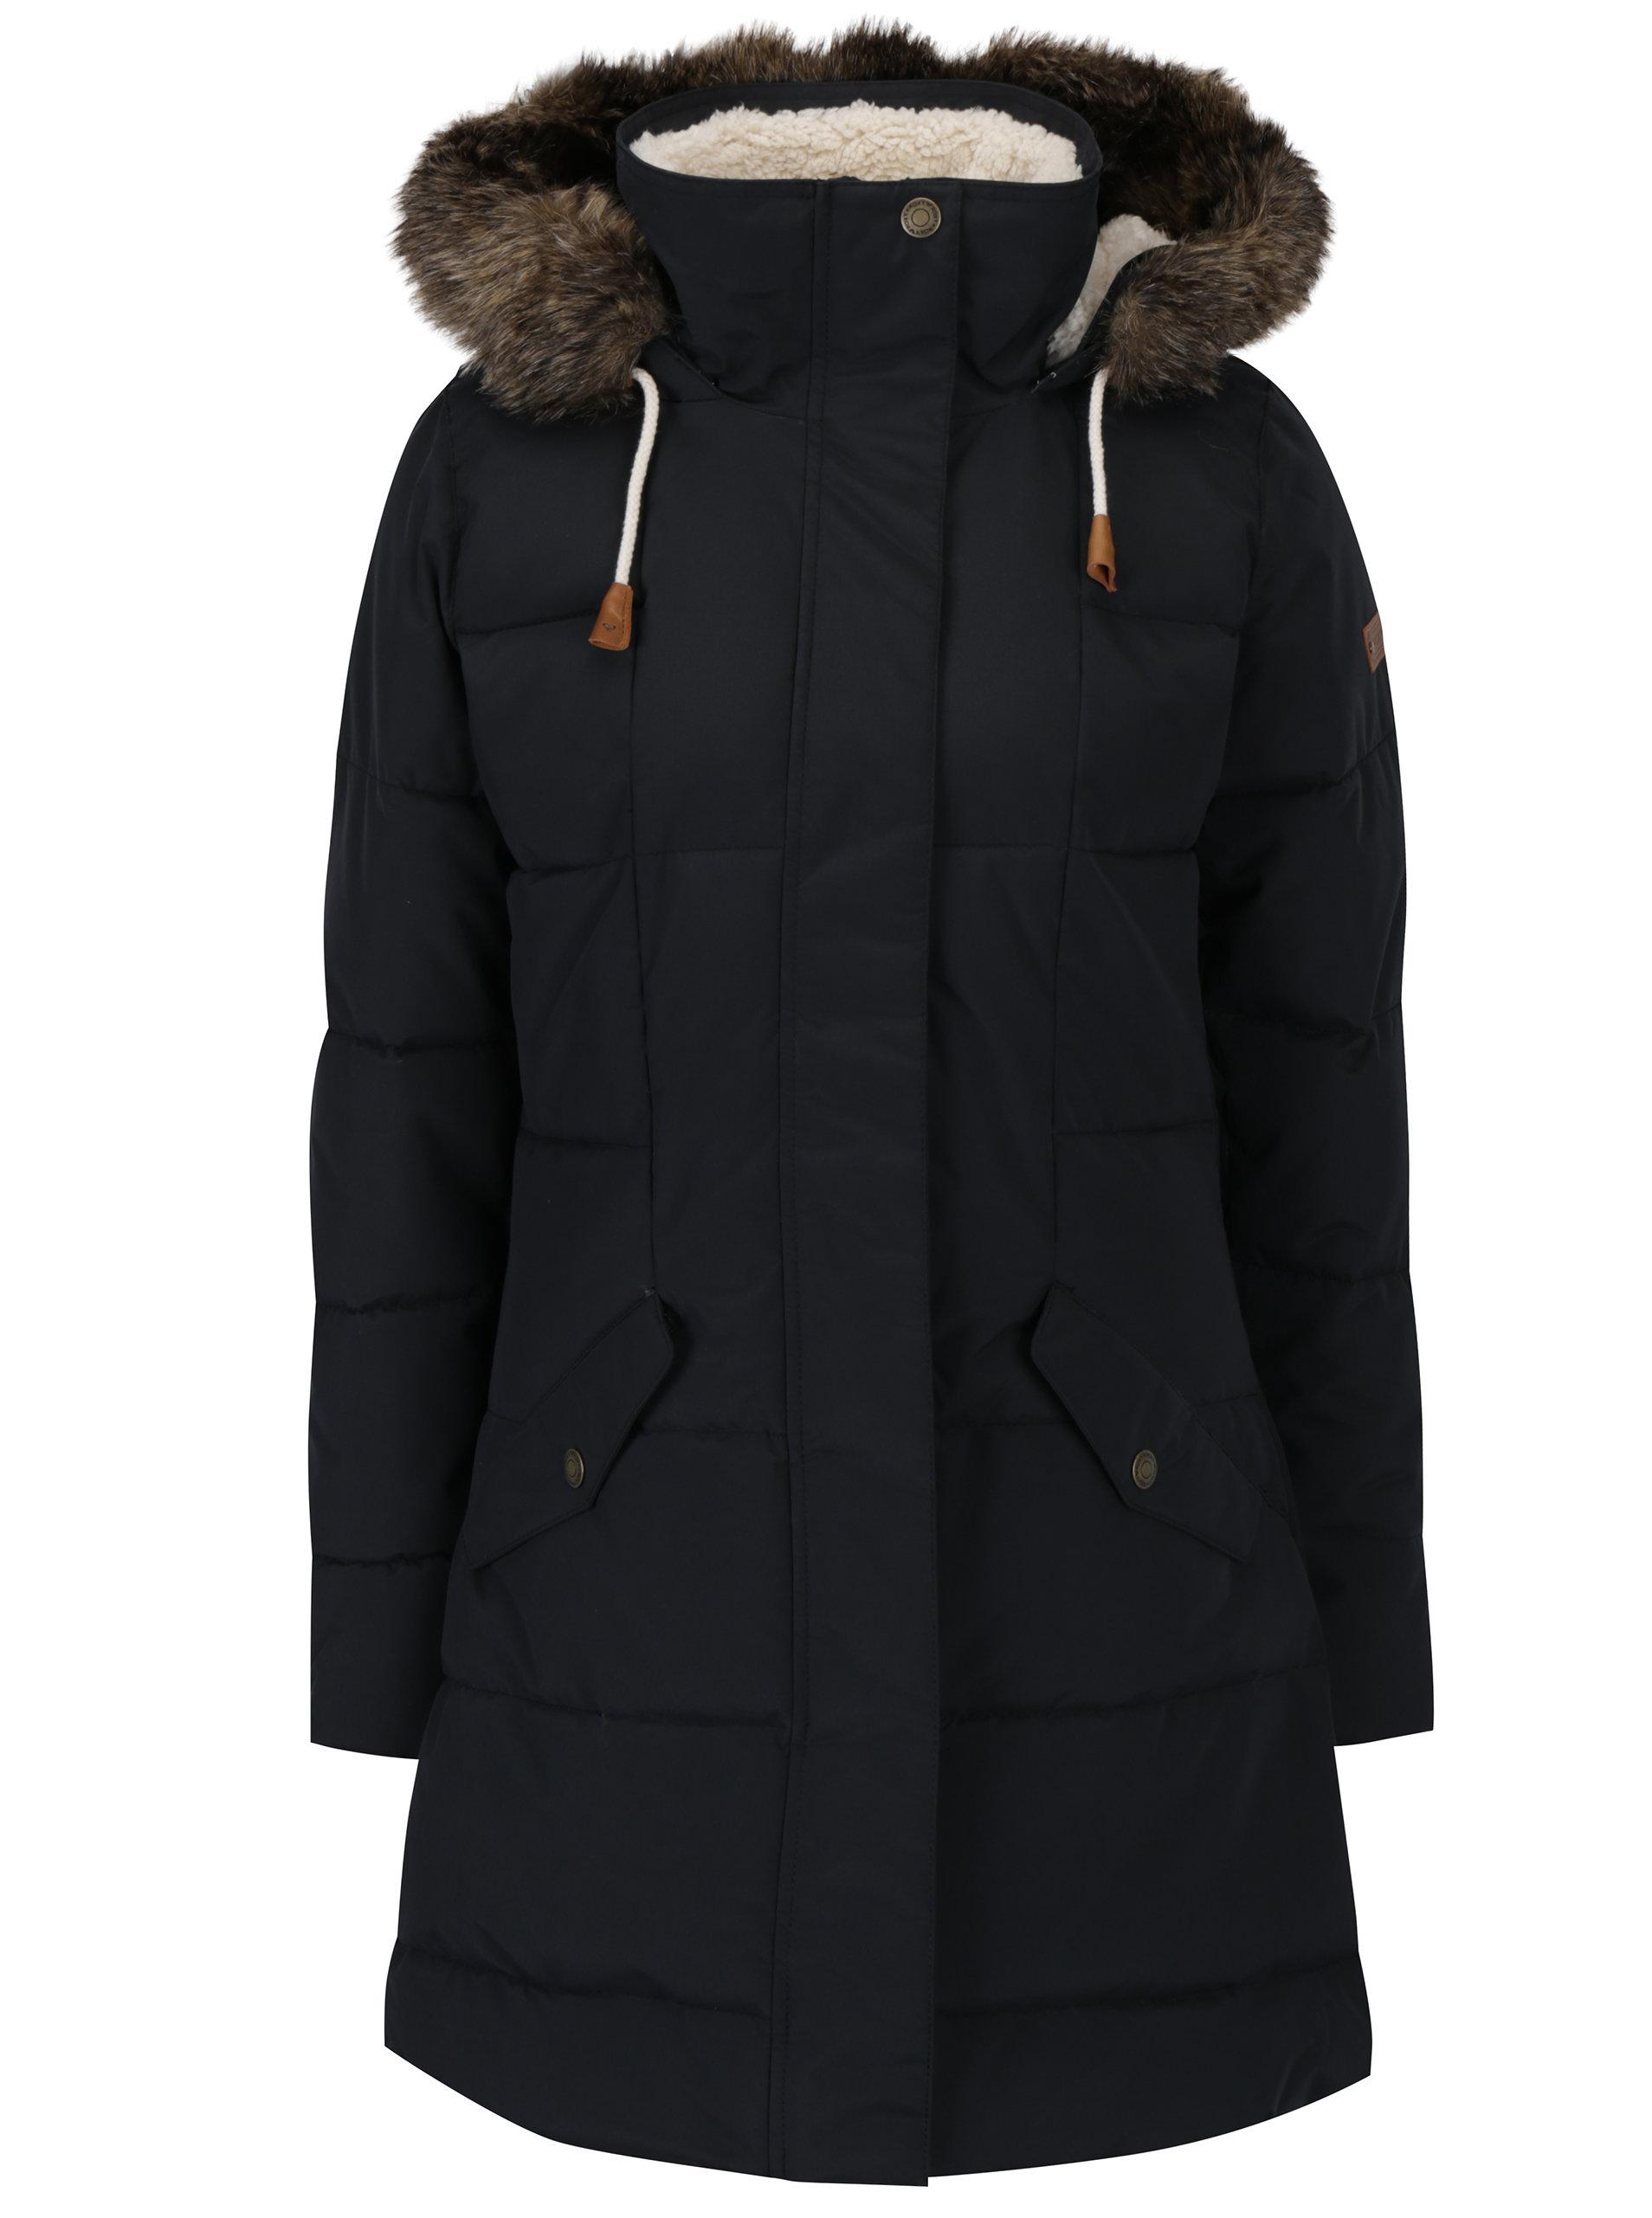 27078647399 Černý dámský zimní voděodolný funkční prošívaný kabát Roxy Ellie ...